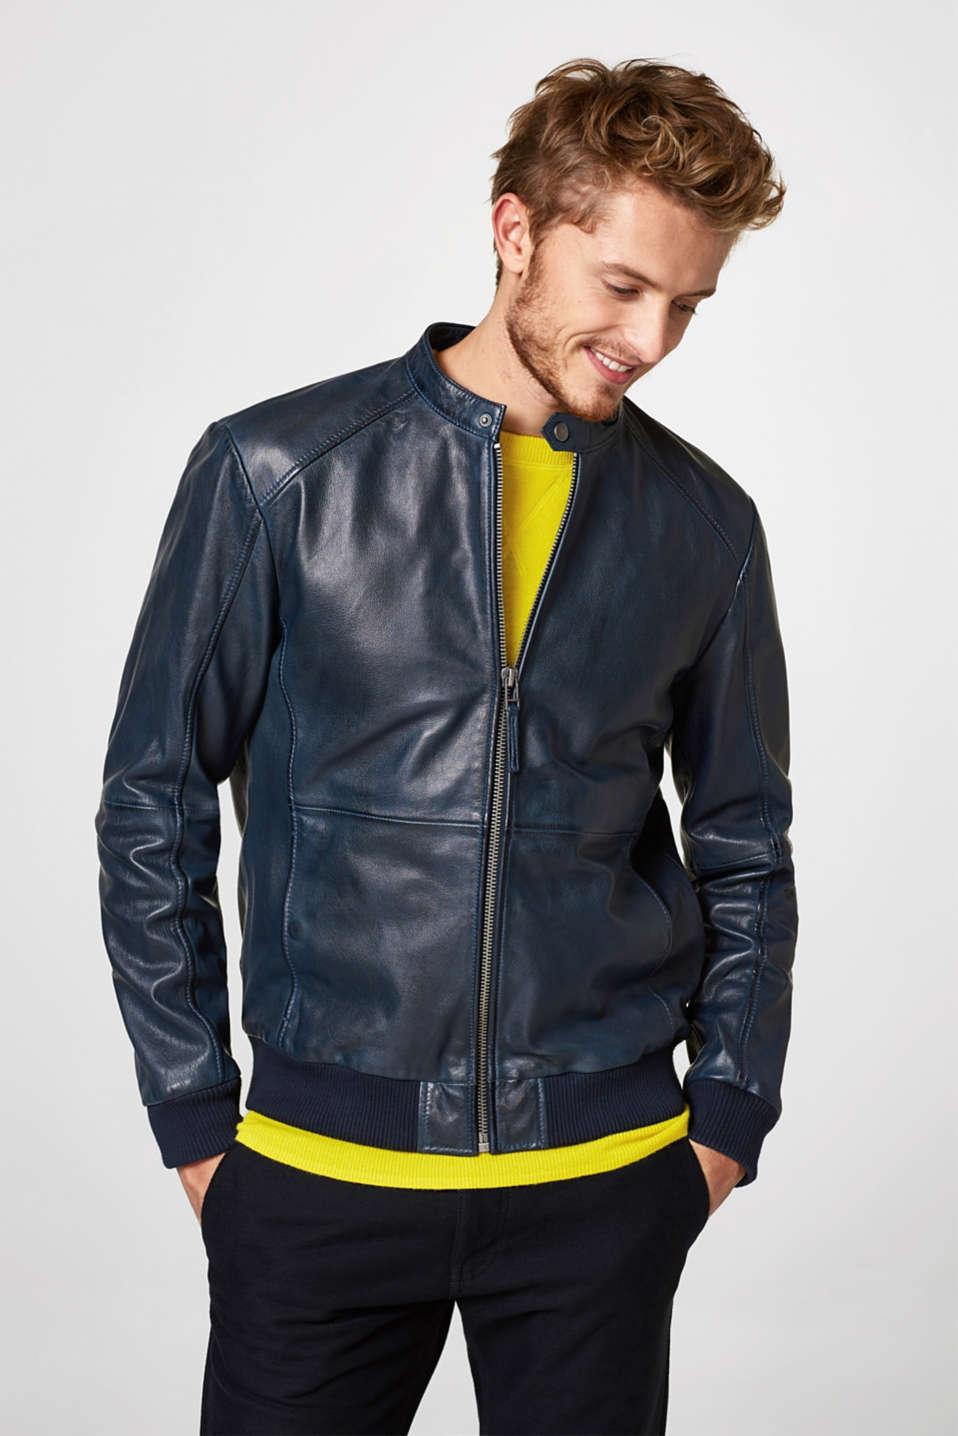 esprit veste de motard en cuir de ch vre acheter sur la boutique en ligne. Black Bedroom Furniture Sets. Home Design Ideas